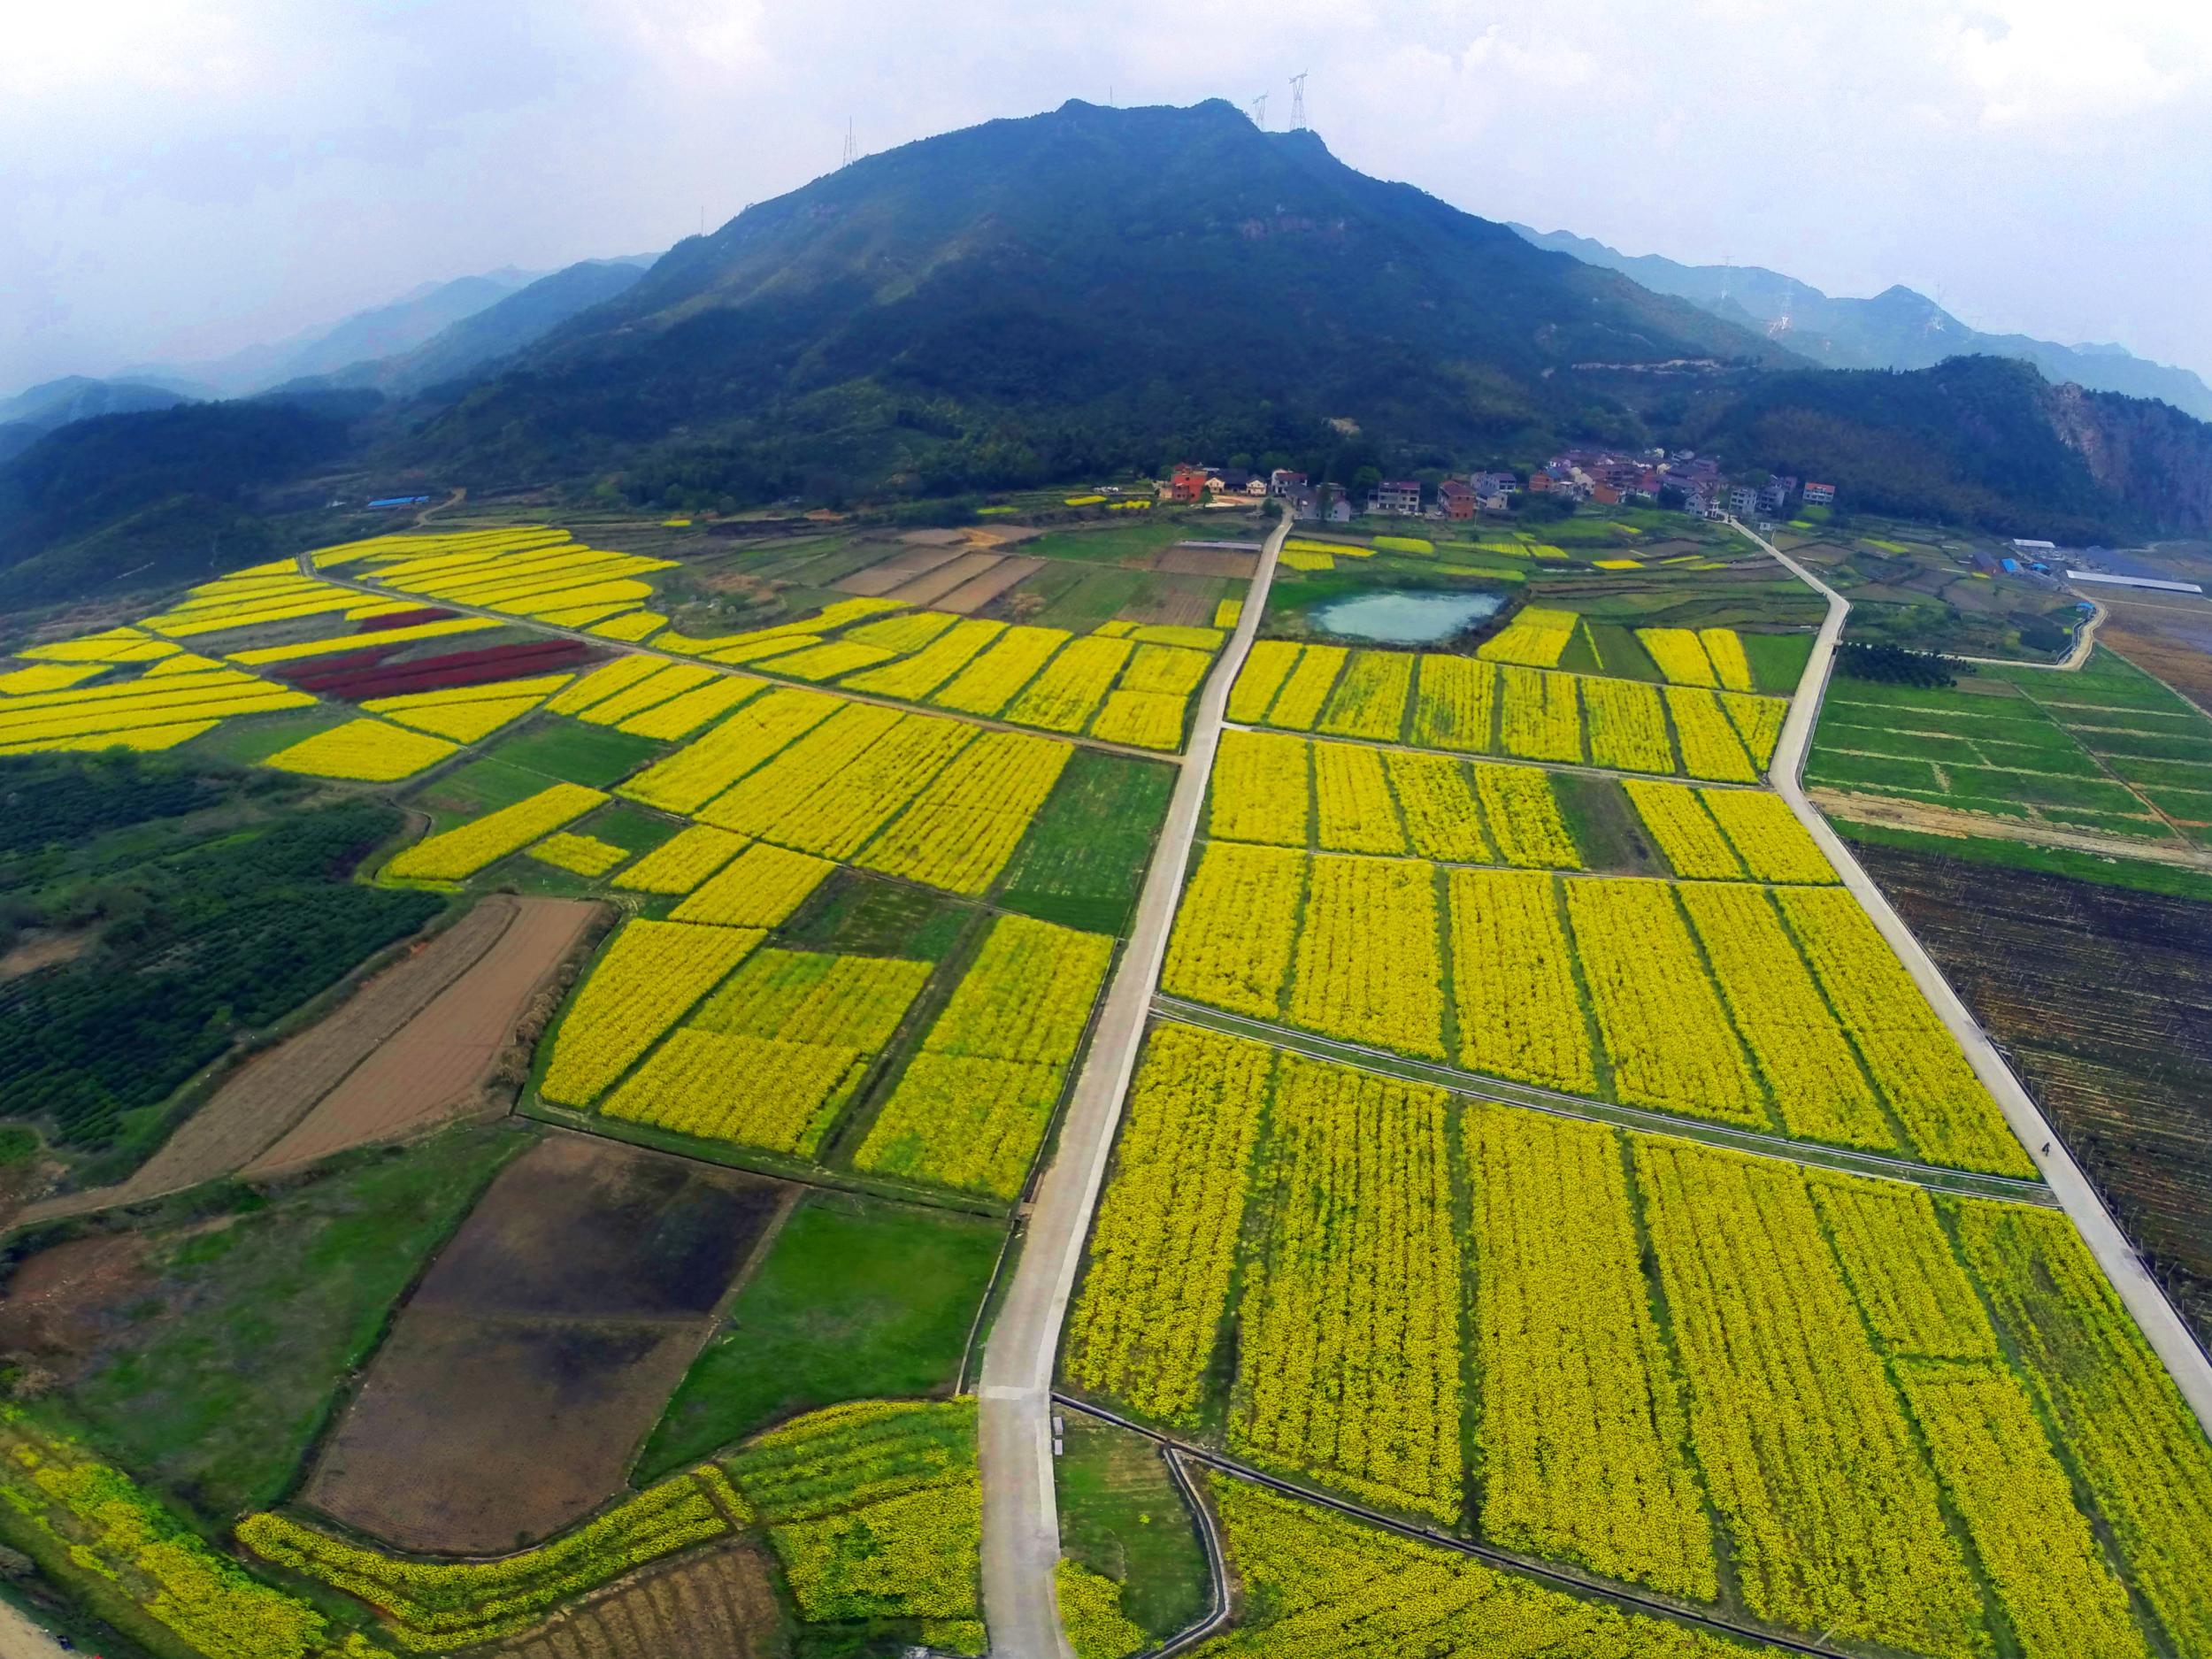 水清城净经济美  檀溪镇众志成城谋绿色发展